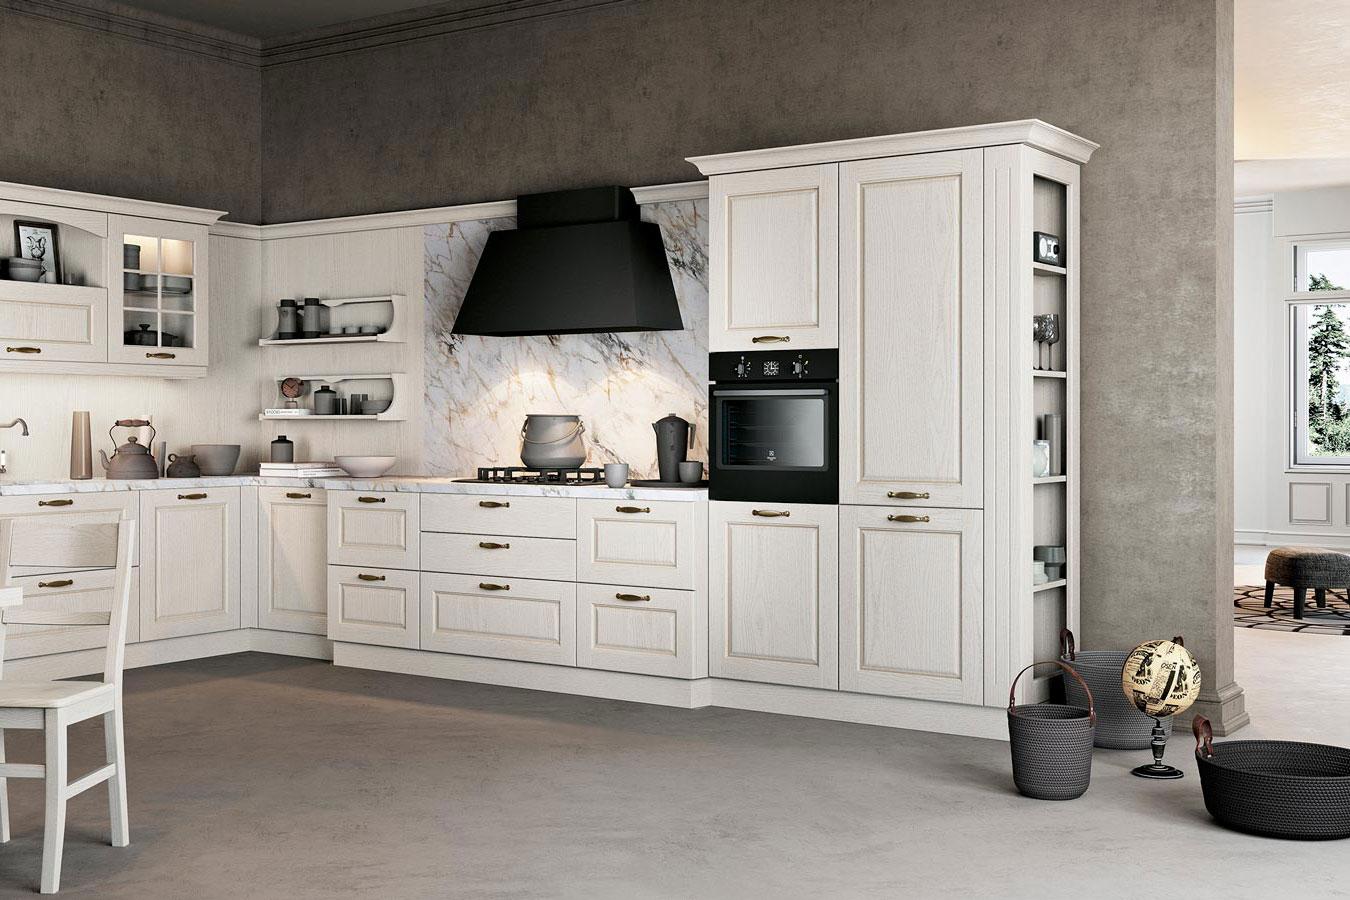 Emejing cucina usata piemonte photos for Arredamento piemonte